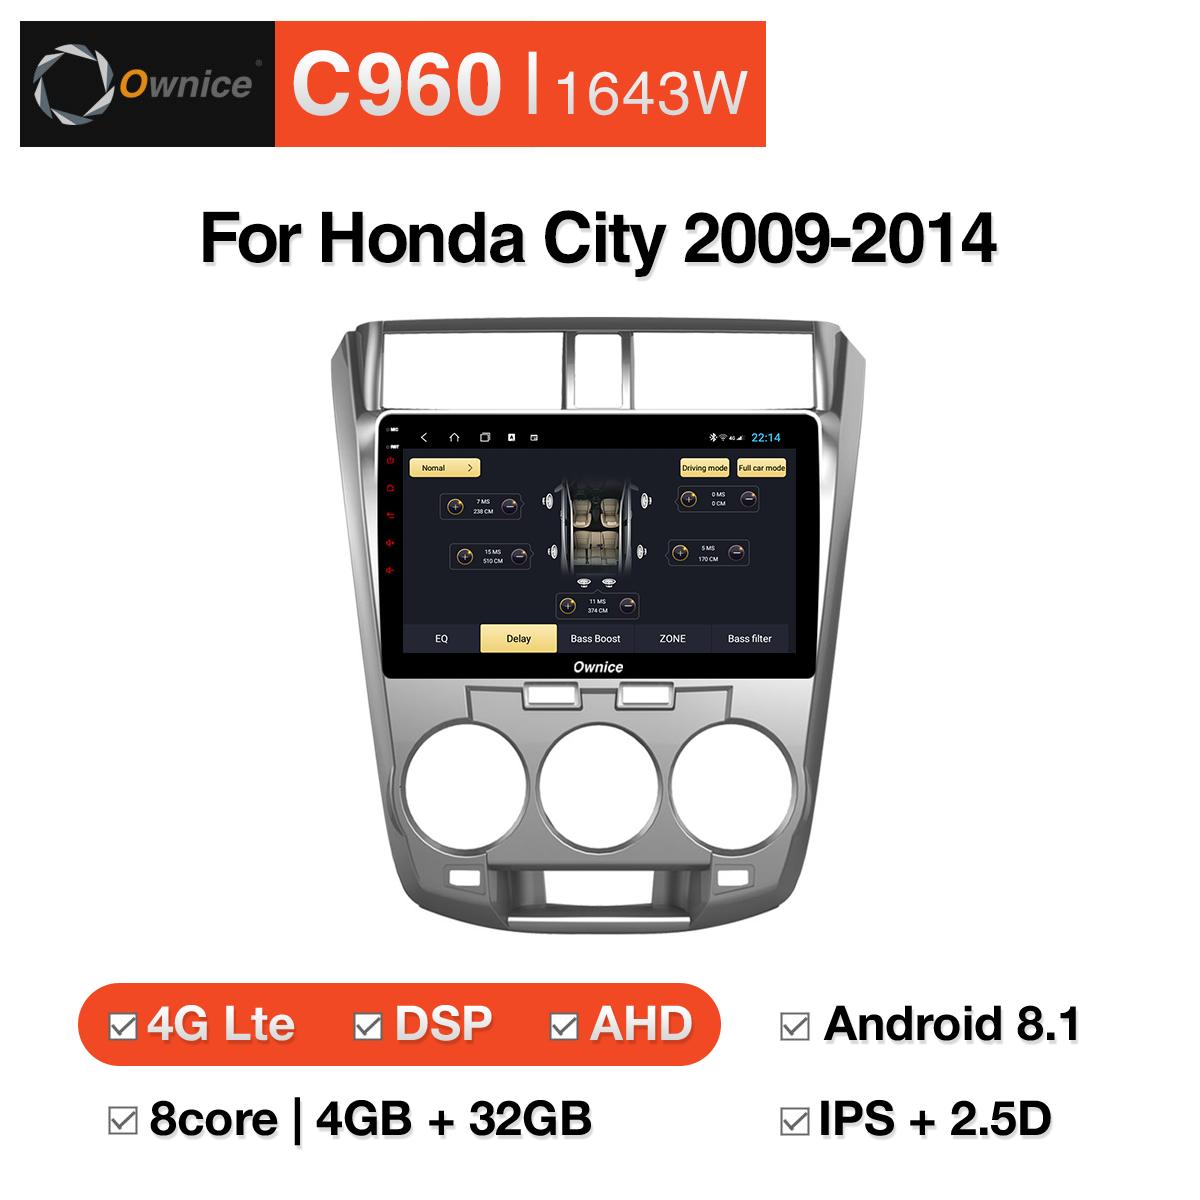 Đầu DVD android Ownice C960 cho xe ô tô Honda City 2009-2014:: OL-1643W